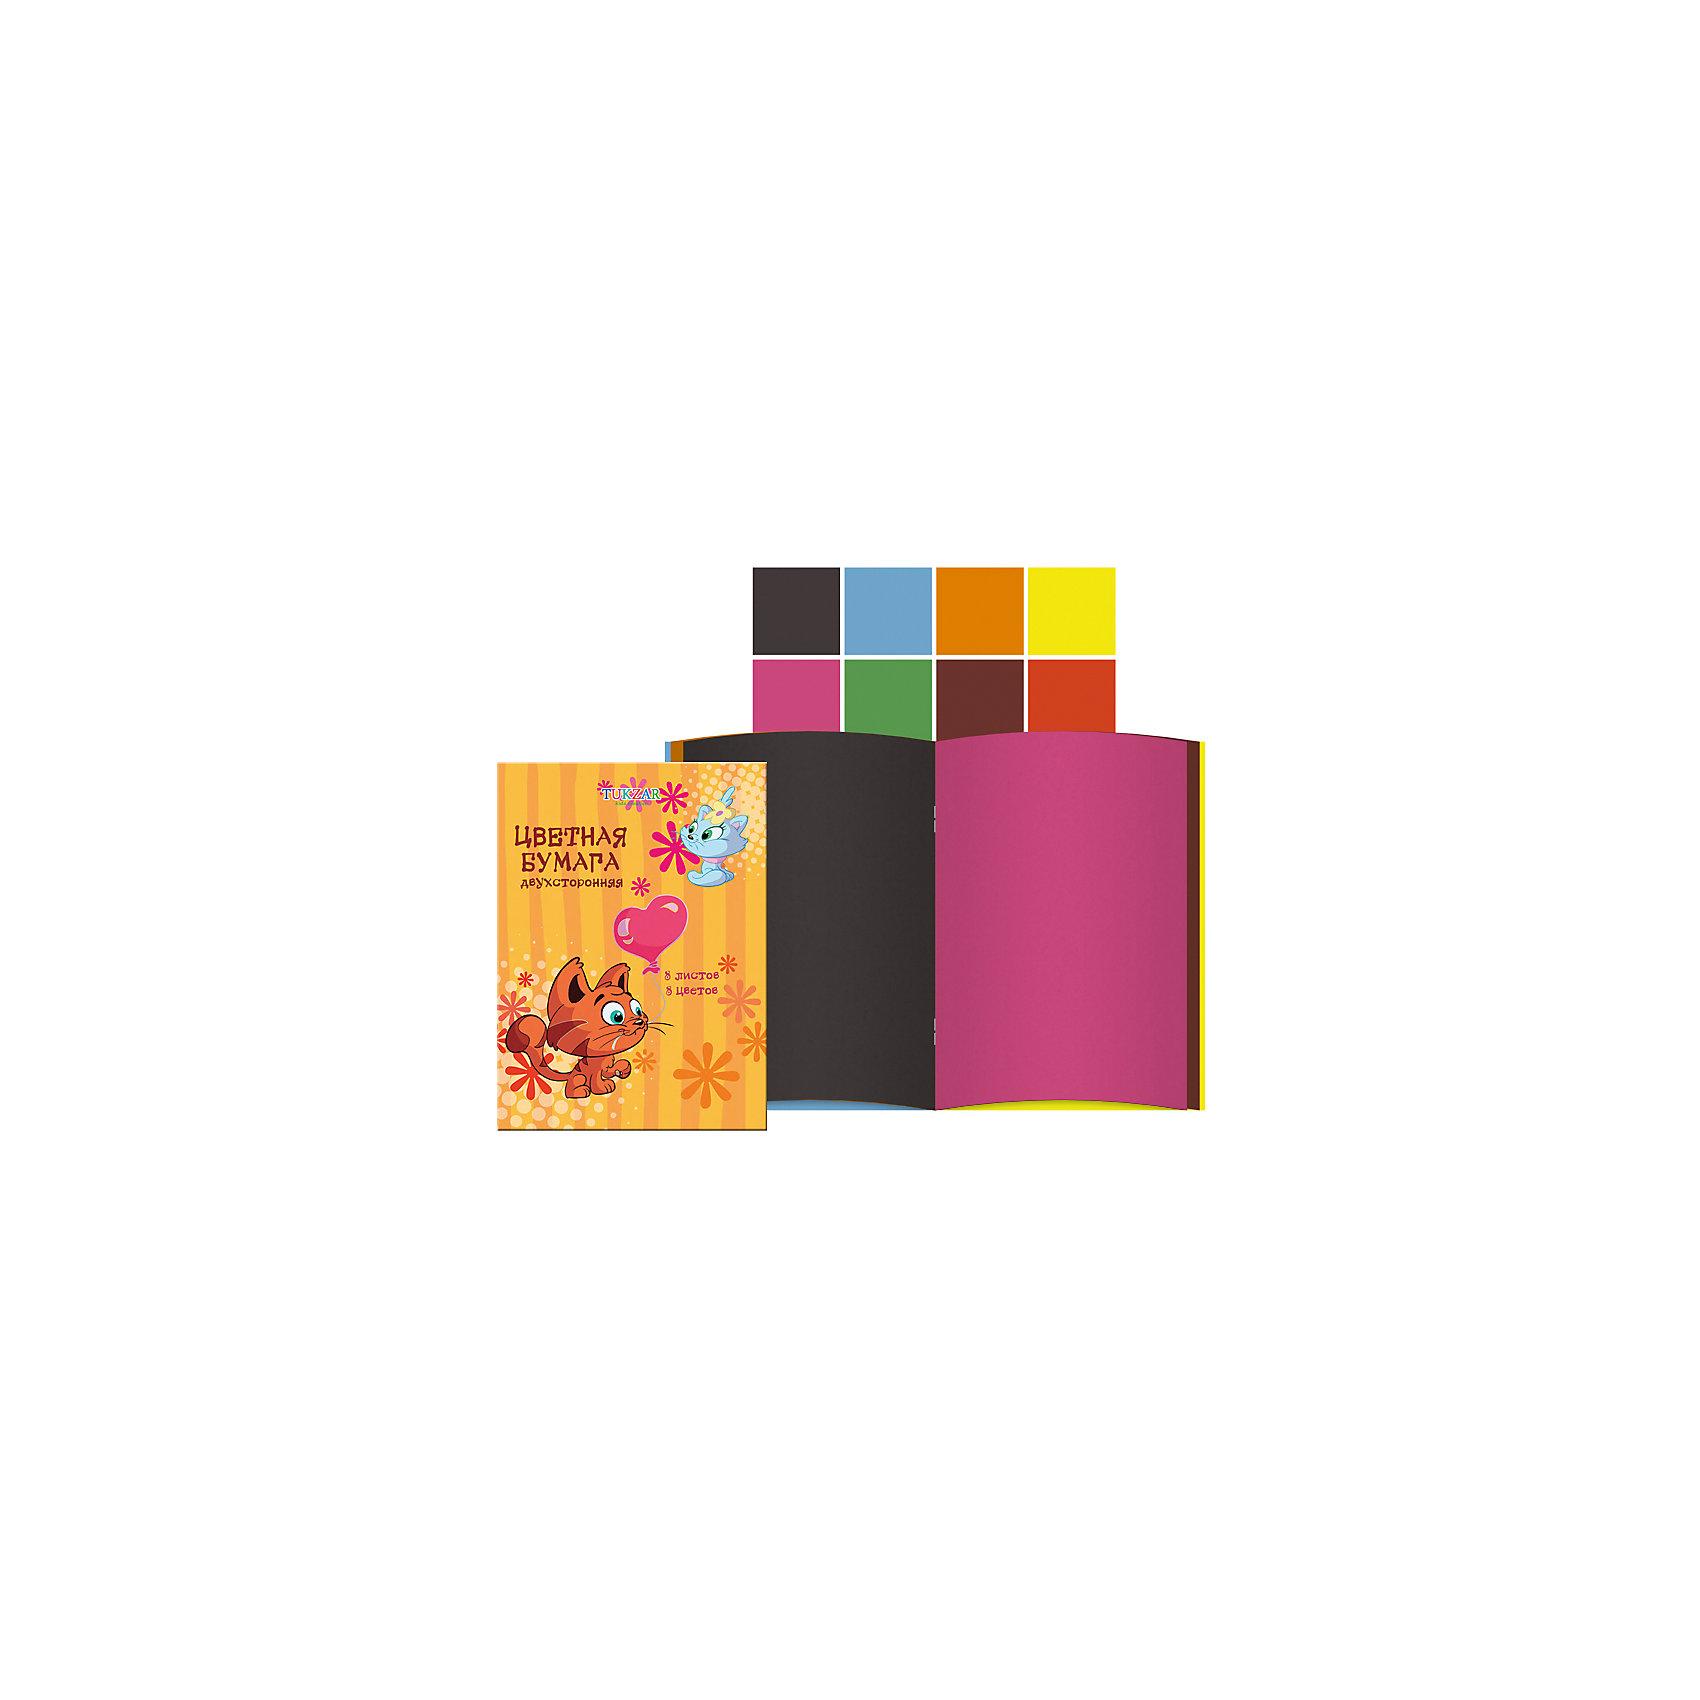 Двусторонняя цветная бумага А4, 8 цветов, 8 листовДвухсторонняя цветная бумага – важный и частый пункт в списке школьных покупок. Цветную бумагу используют для декорирования, моделирования и аппликации. Бумага быстро заканчивается, поэтому можно выбрать понравившуюся модель и докупать при необходимости только ее, а не тратить время на поиски новой. Цветная бумага от компании Tukzar  понравится всем детям и их мамам. У бумаги удобная плотность для складывания и разрезания, а так же яркие и насыщенные цвета. Все материалы, использованные при изготовлении, отвечают международным требованиям по качеству и безопасности.<br><br>Дополнительная информация: <br><br>количество цветов: 8 шт;<br>формат: А4;<br>плотность: 48г/м2.<br><br>Двухстороннюю цветную бумагу можно приобрести в нашем магазине.<br><br>Ширина мм: 100<br>Глубина мм: 100<br>Высота мм: 10<br>Вес г: 50<br>Возраст от месяцев: 36<br>Возраст до месяцев: 120<br>Пол: Унисекс<br>Возраст: Детский<br>SKU: 4993570